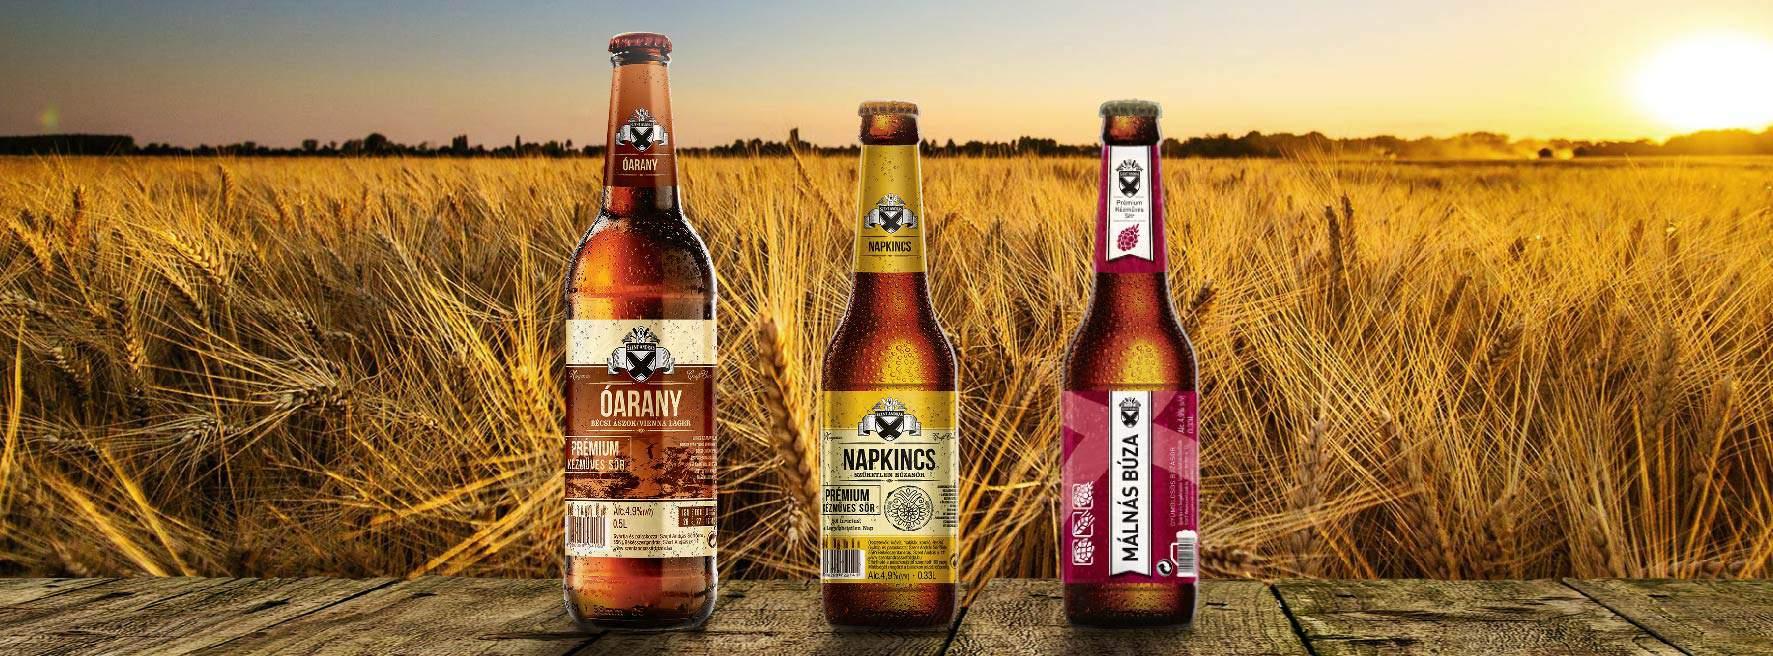 beer brewery sör sörfőzde handcrafted